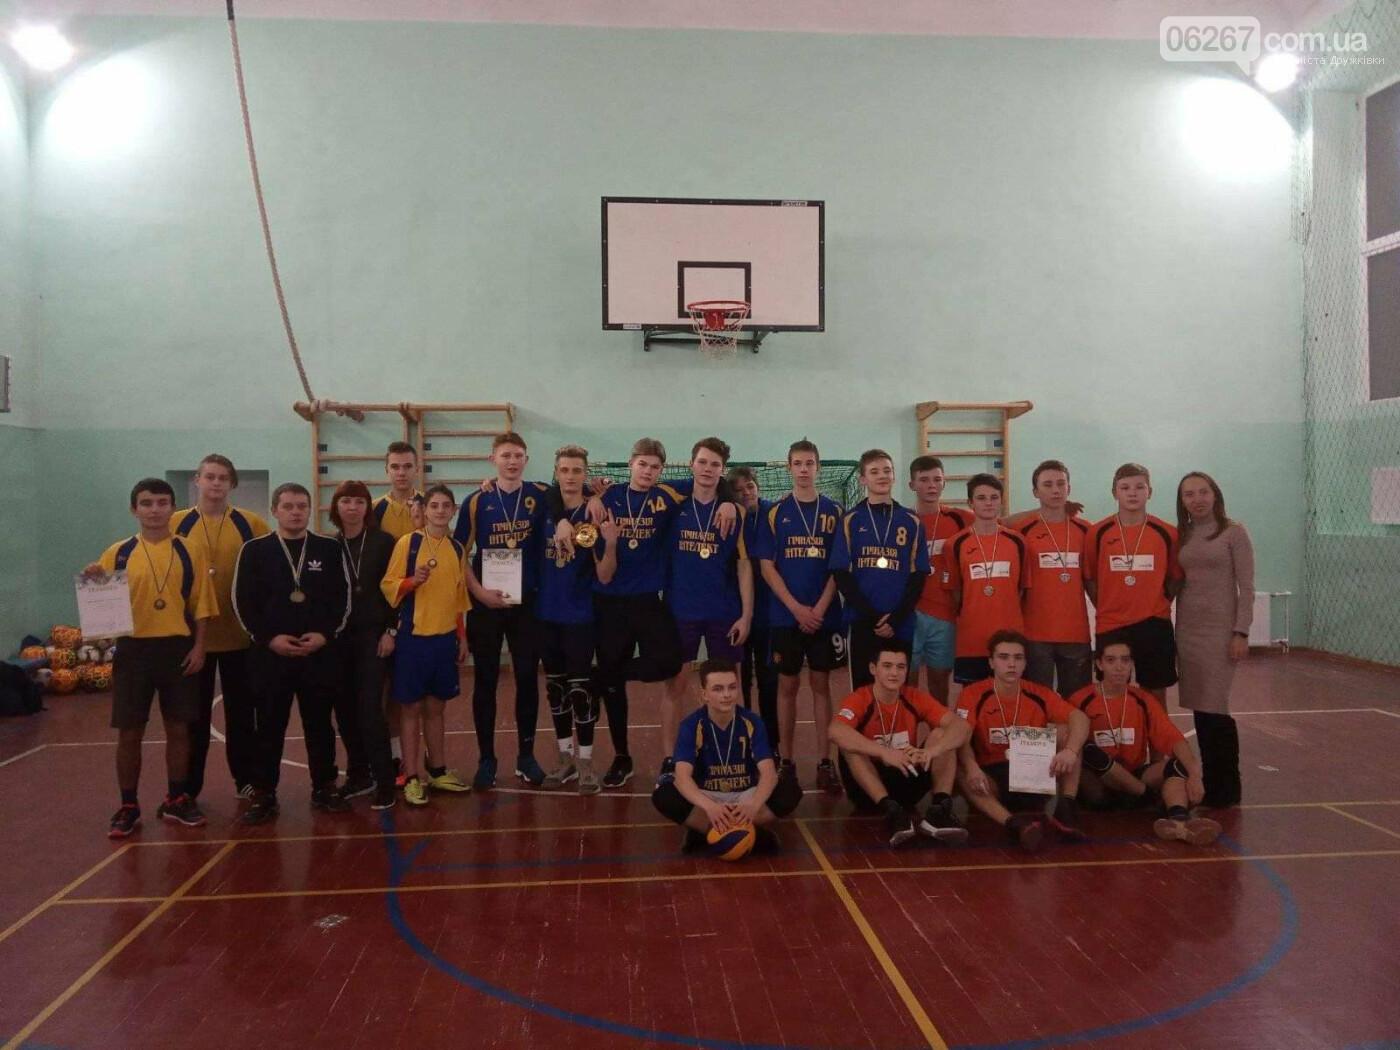 Дружковка: Стали известны призеры городского чемпионата по волейболу среди старшеклассников (ФОТО), фото-3